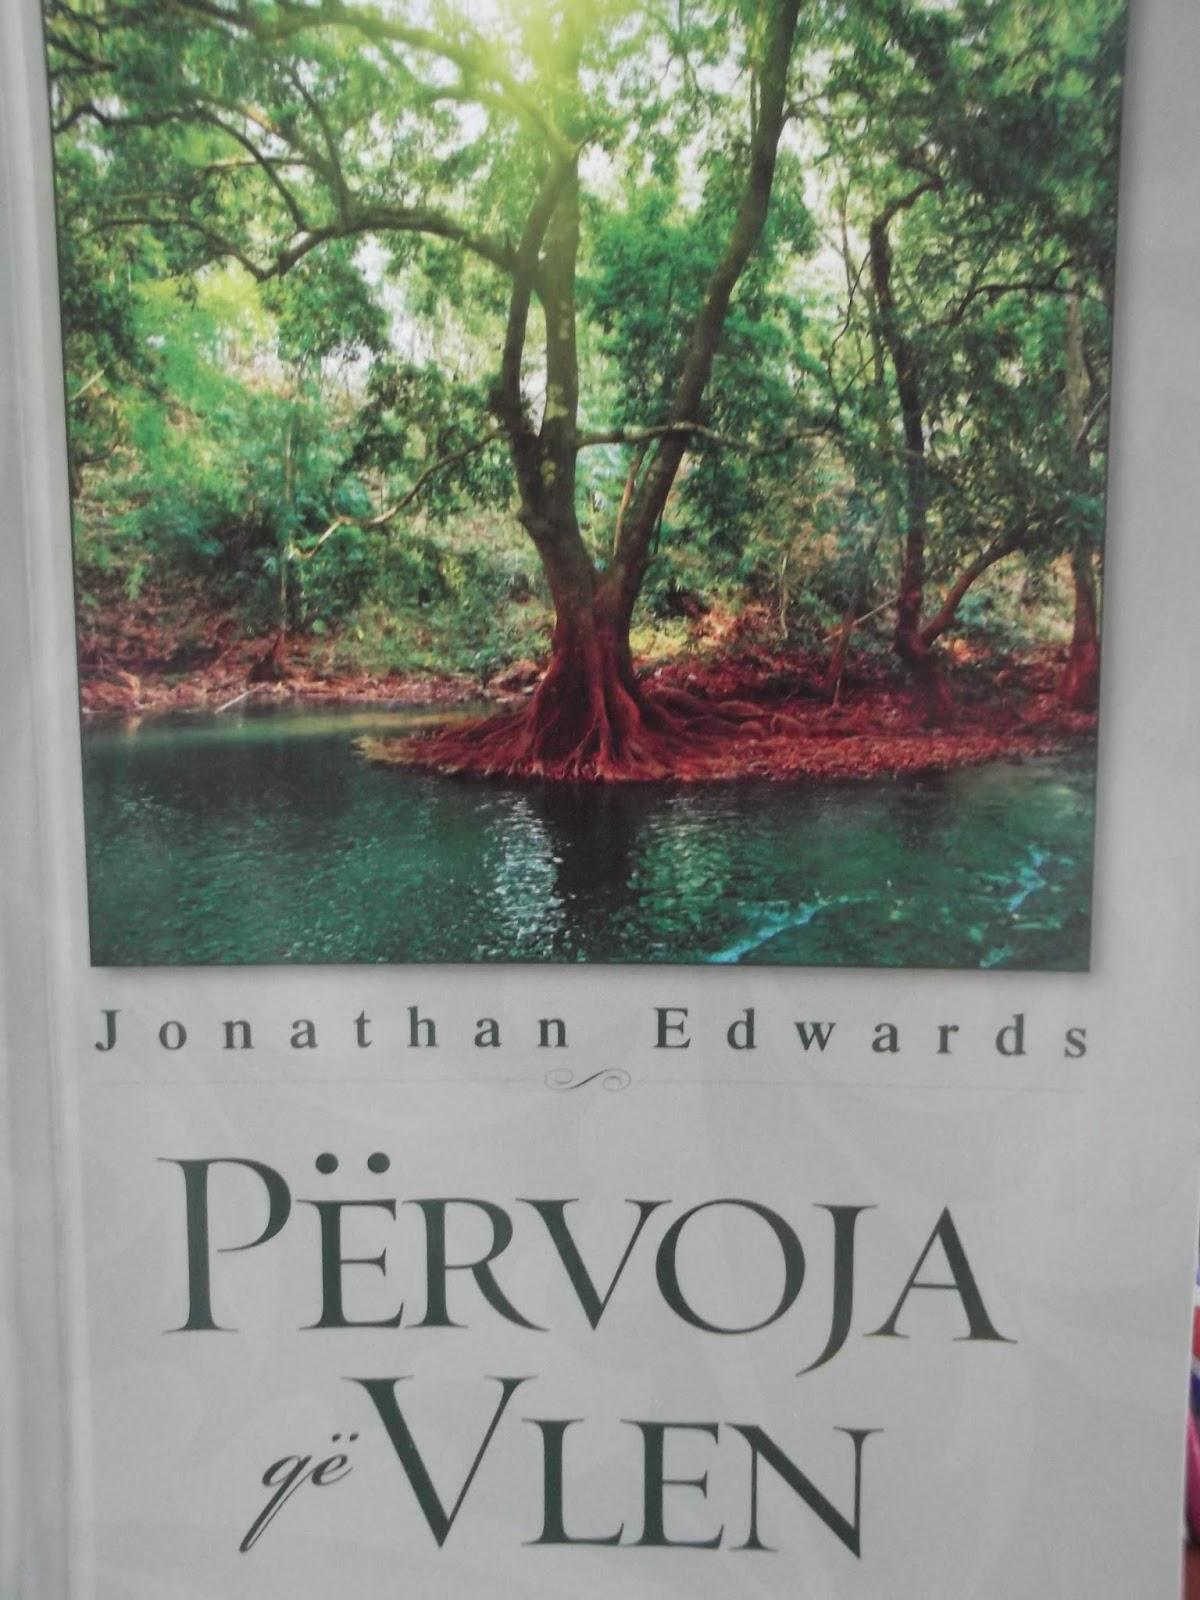 Pervoja qe vlen - Xhonathan Eduards - Libra te krishtere